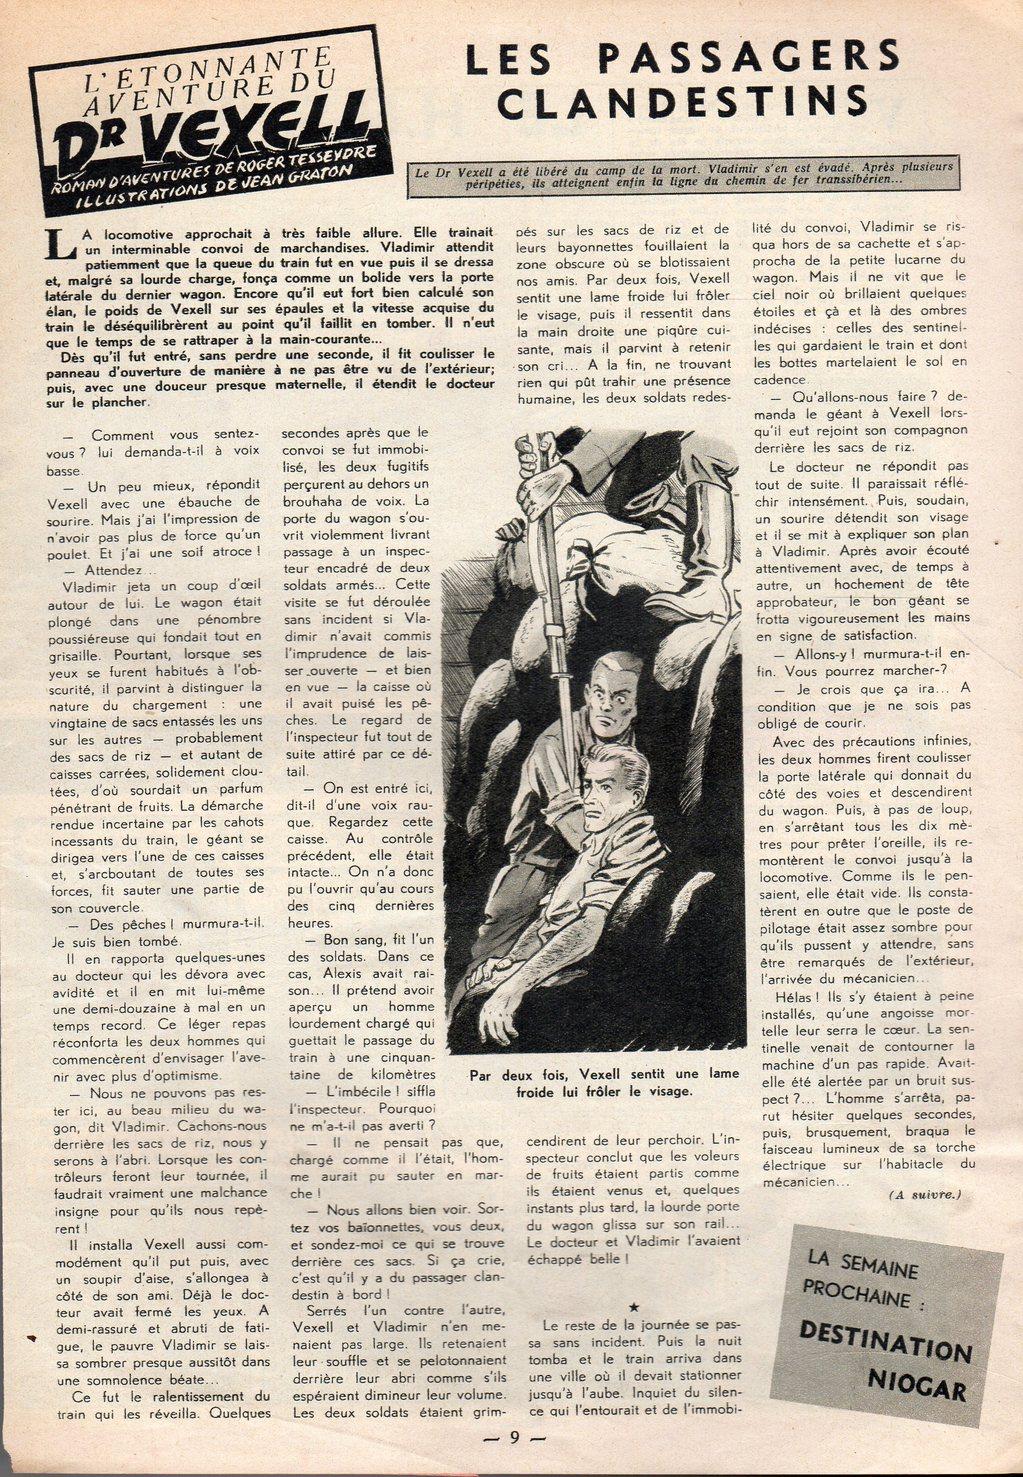 Jean Graton - Tintin 1954 - Dr Vexell (44)